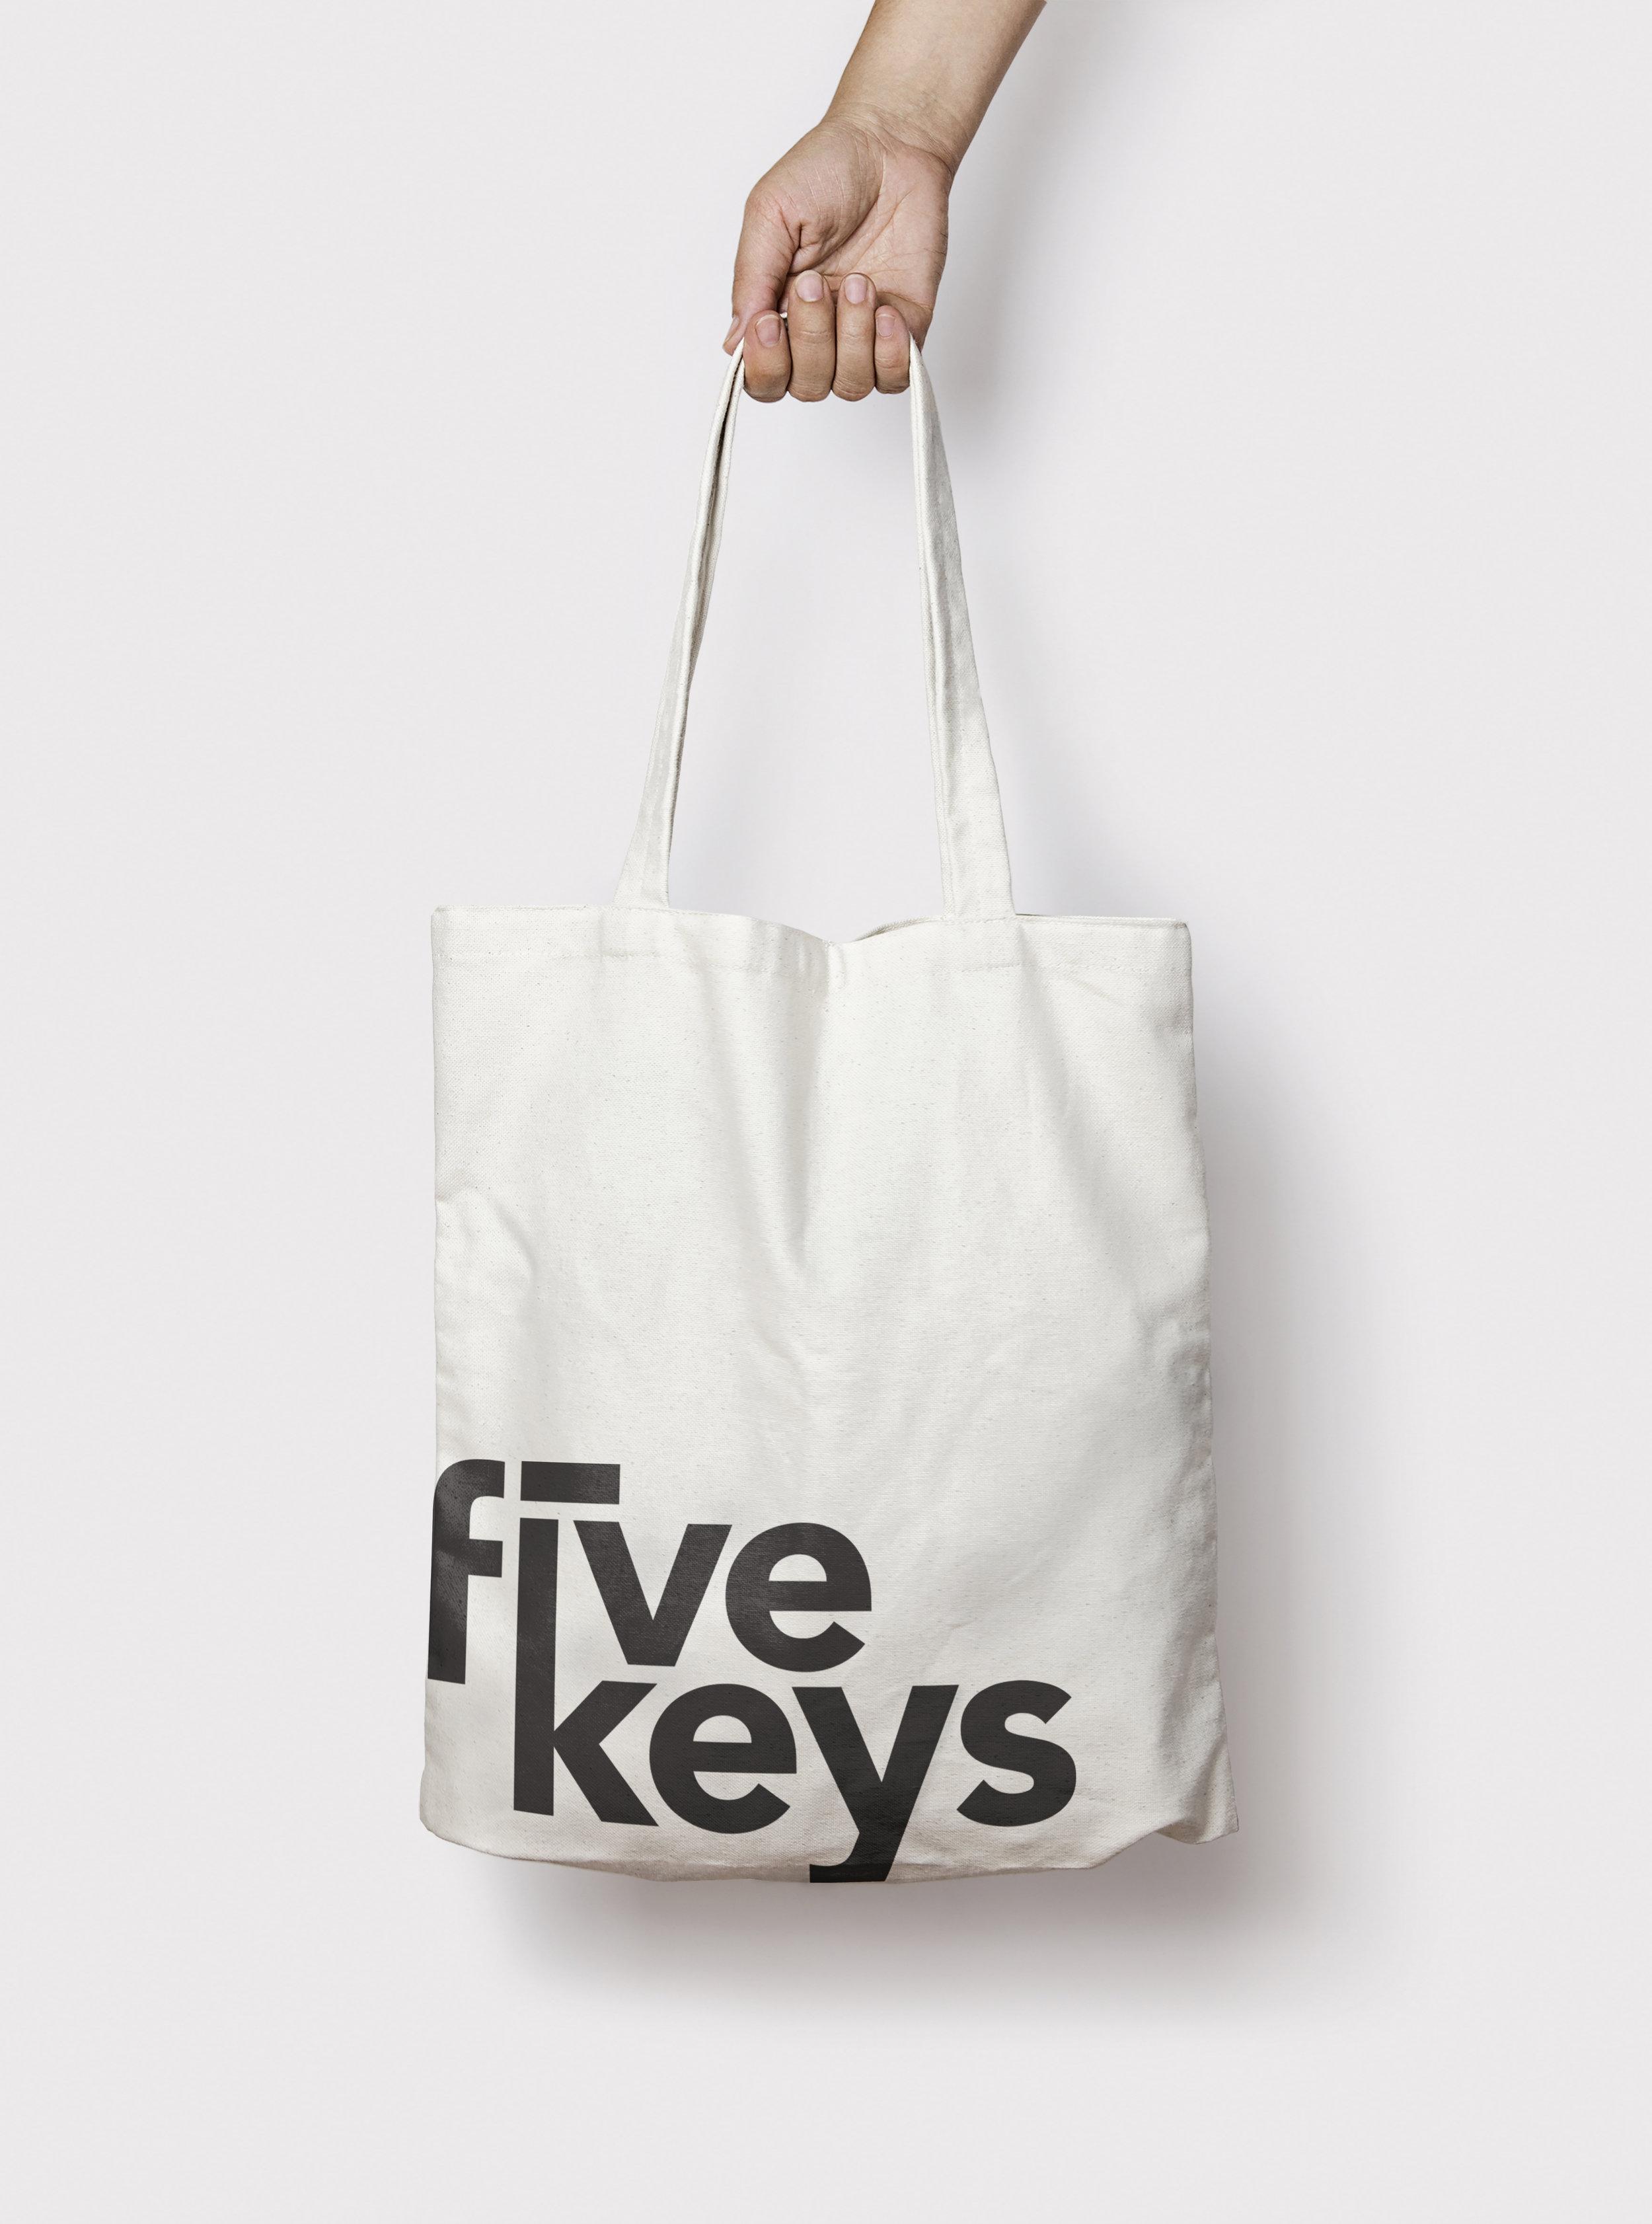 FiveKeys_12.jpg